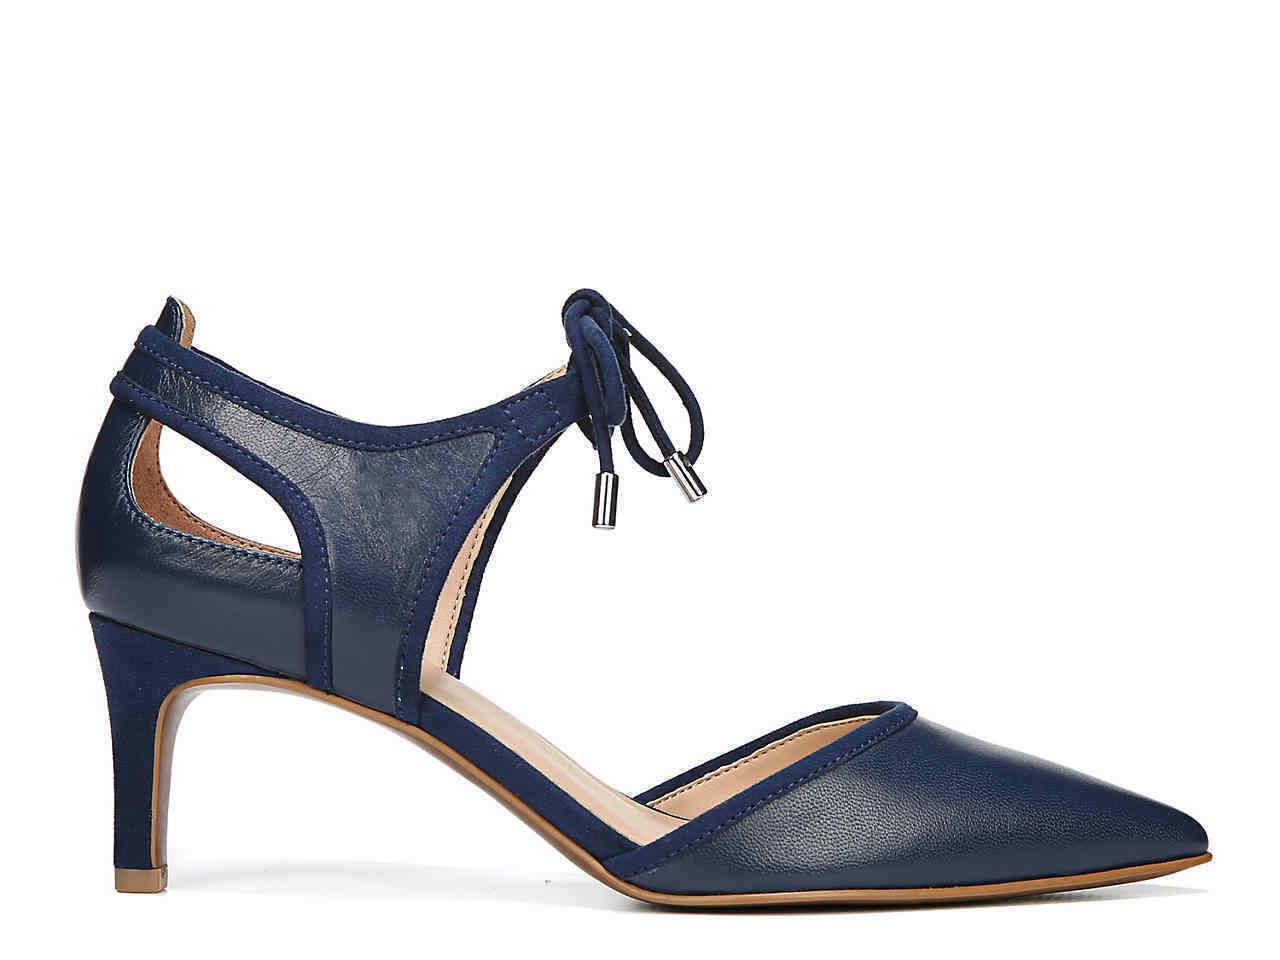 Franco Sarto L-Darlis Pump Blue, Size 9 M